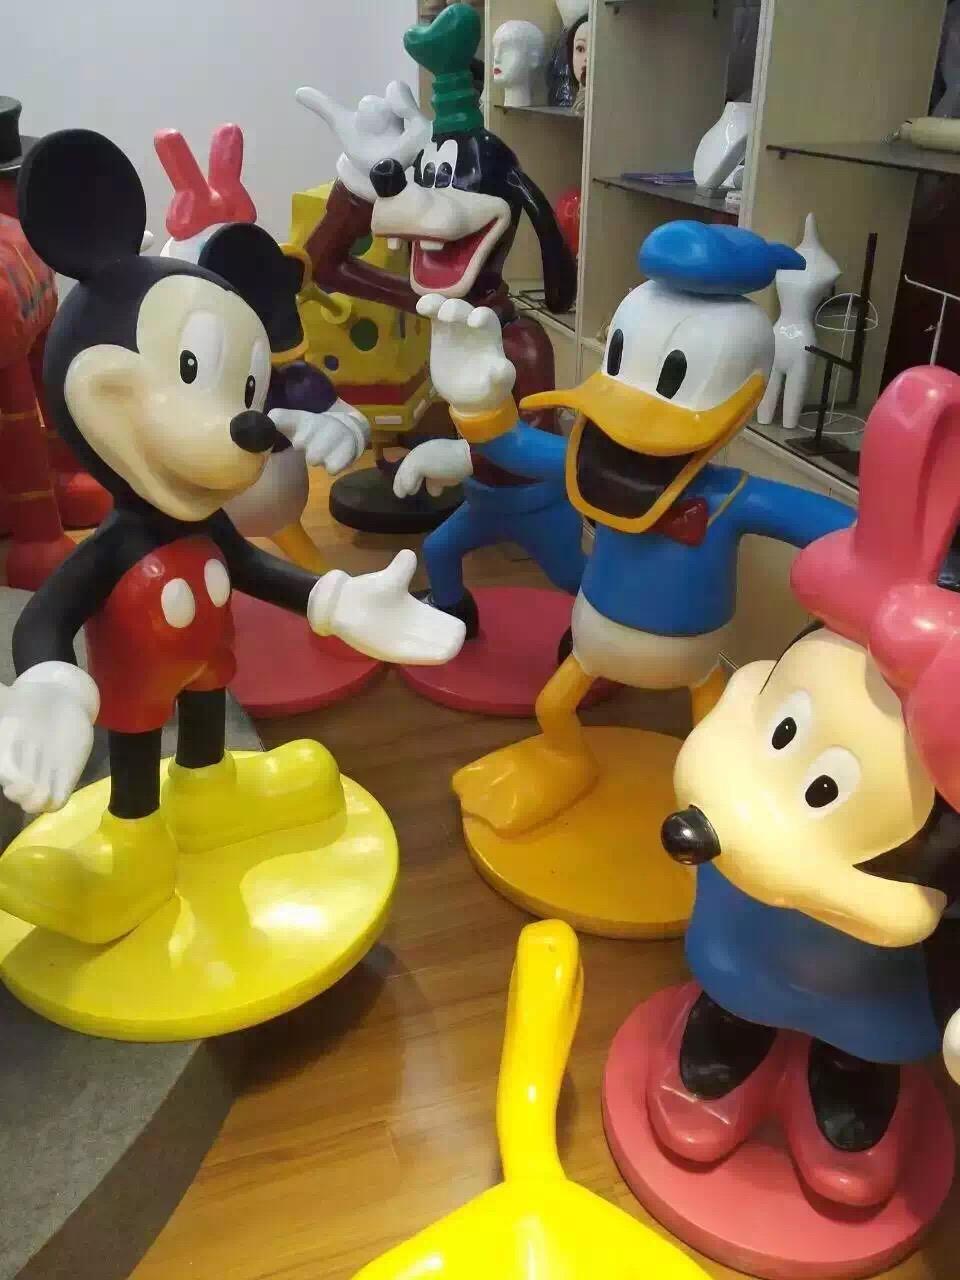 卡通道具疯狂动物城系列迪士尼系列小黄人系列低价